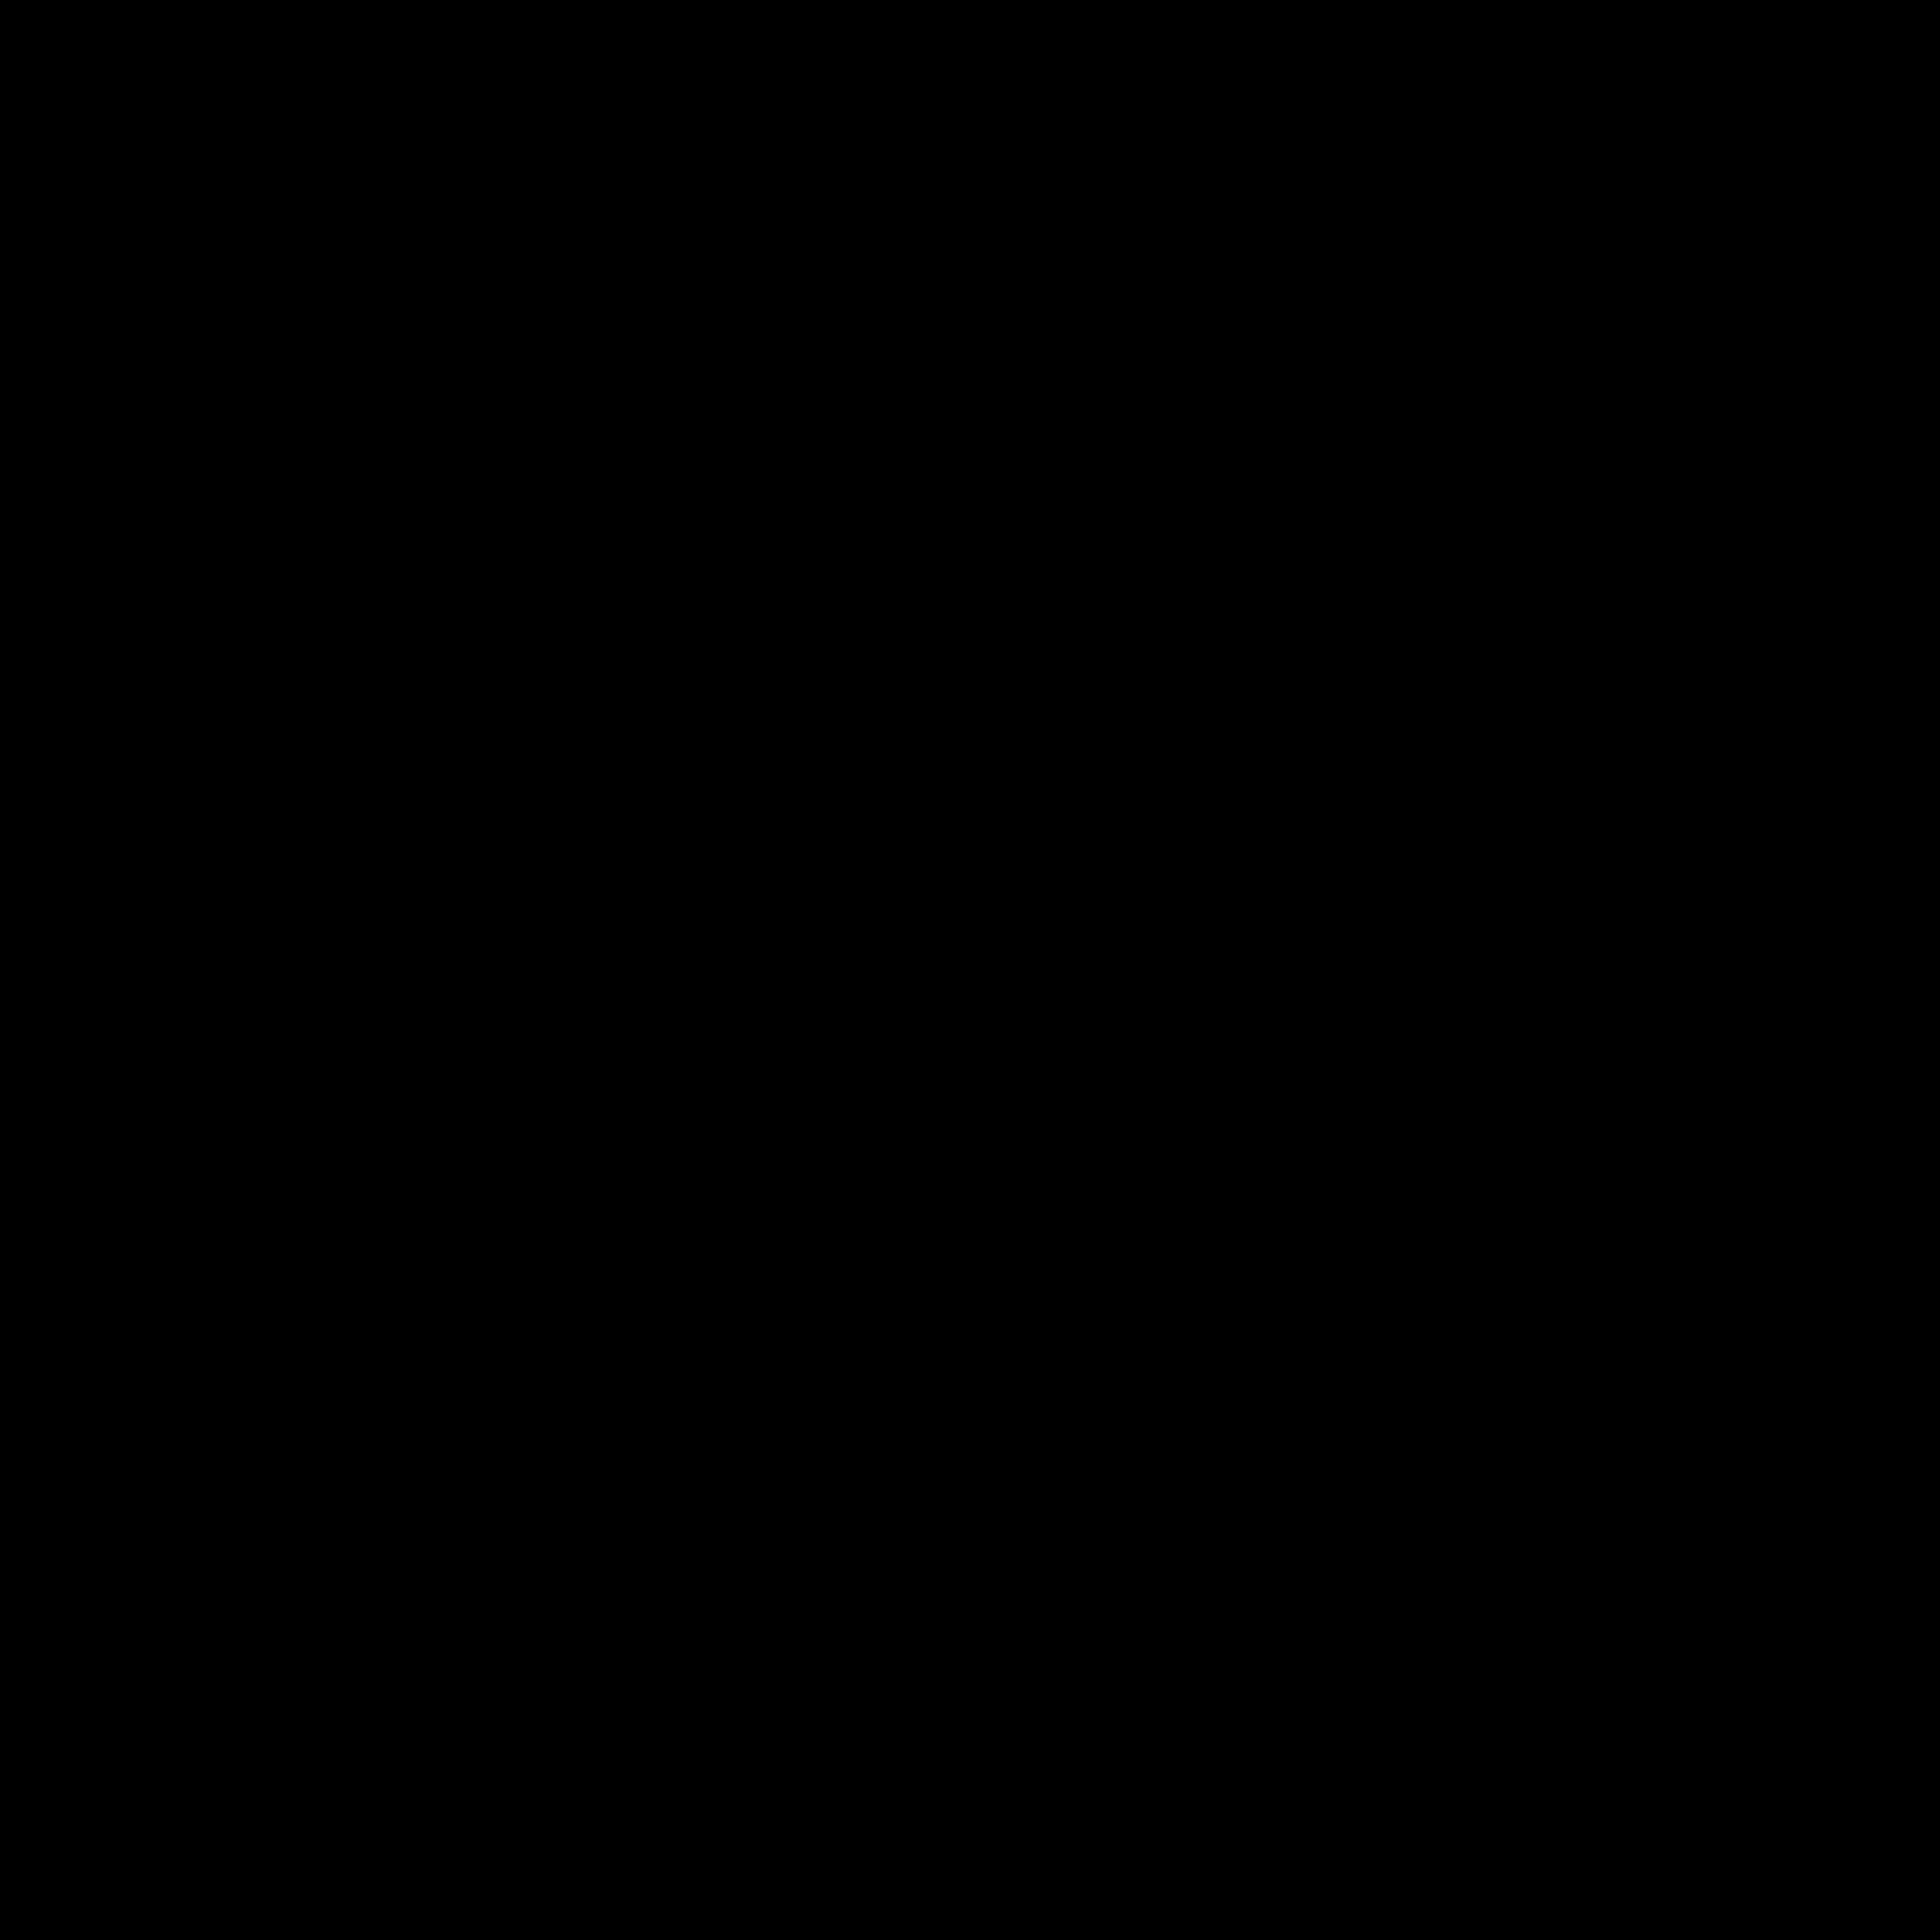 Coldwell Banker 4228 Logo PNG Transparent & SVG Vector.